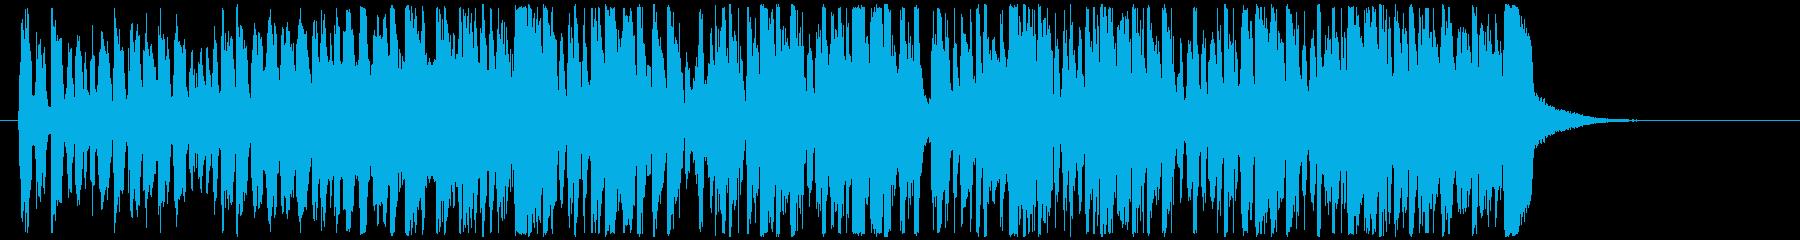 ファンク アクティブ 明るい おし...の再生済みの波形